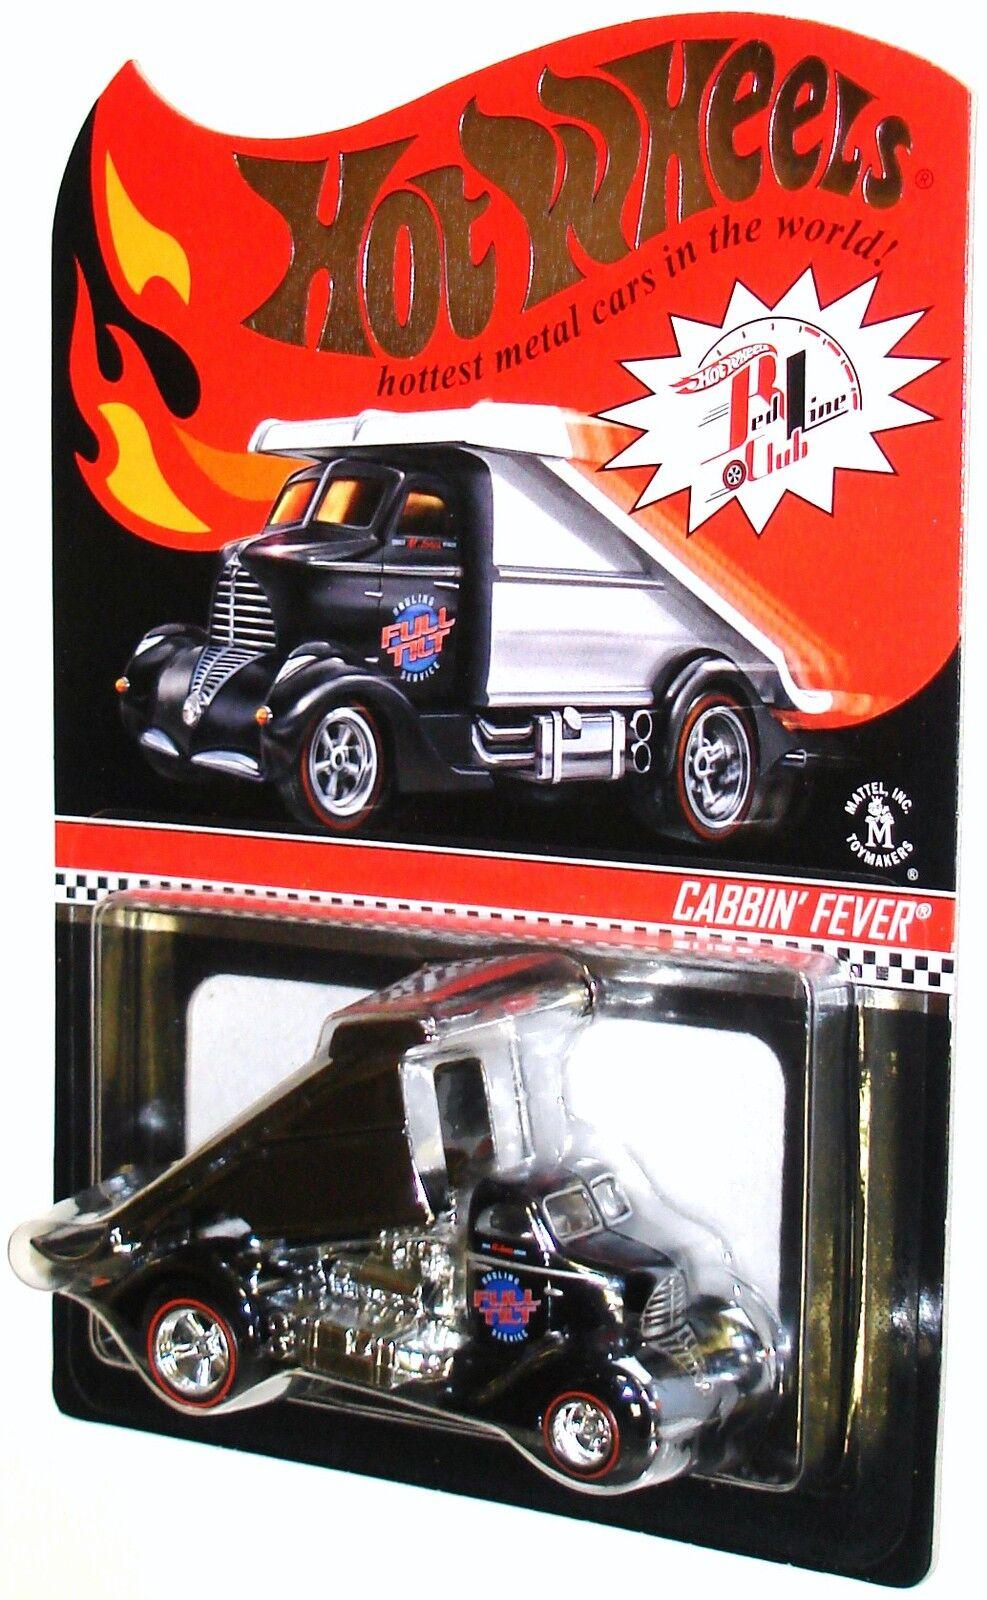 Momc 2012 Rlc Exclusivo Negro Y Y Y Cromo Cabbin  fiebre Sweet Heavy Casting 609940